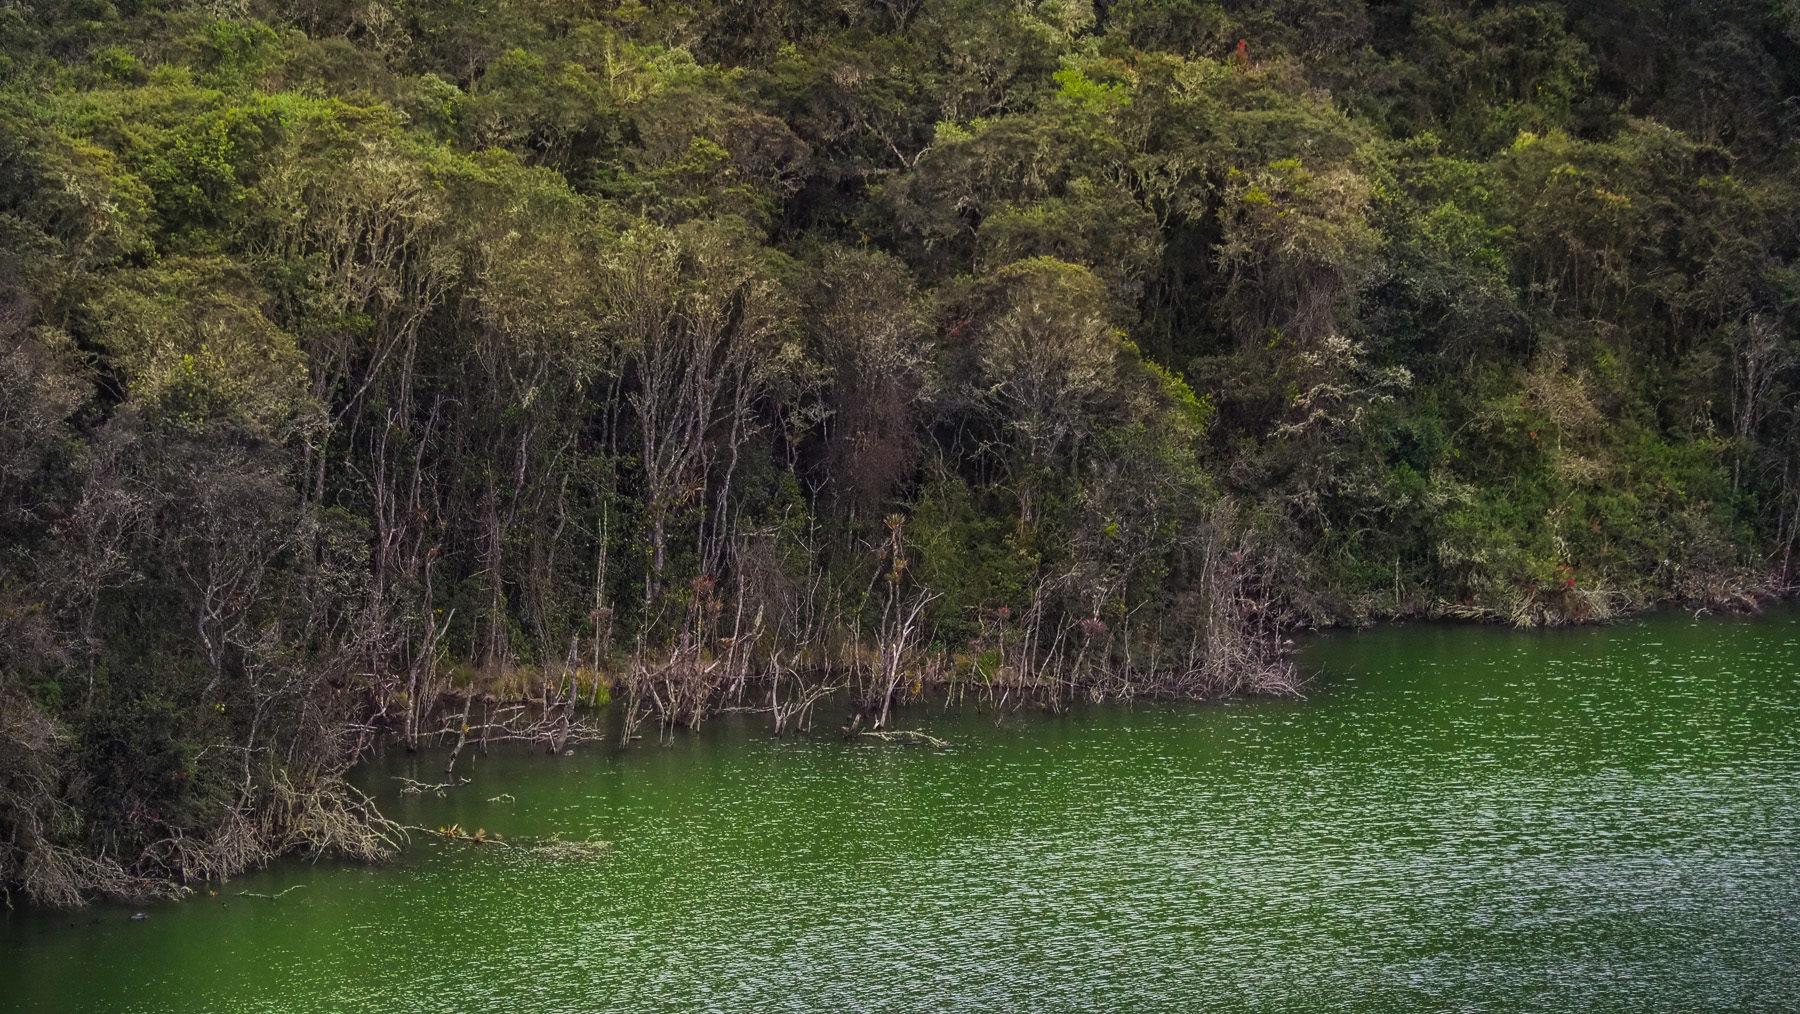 Die Muiscas warfen angeblich wertvolle Opfergaben in den heiligen See